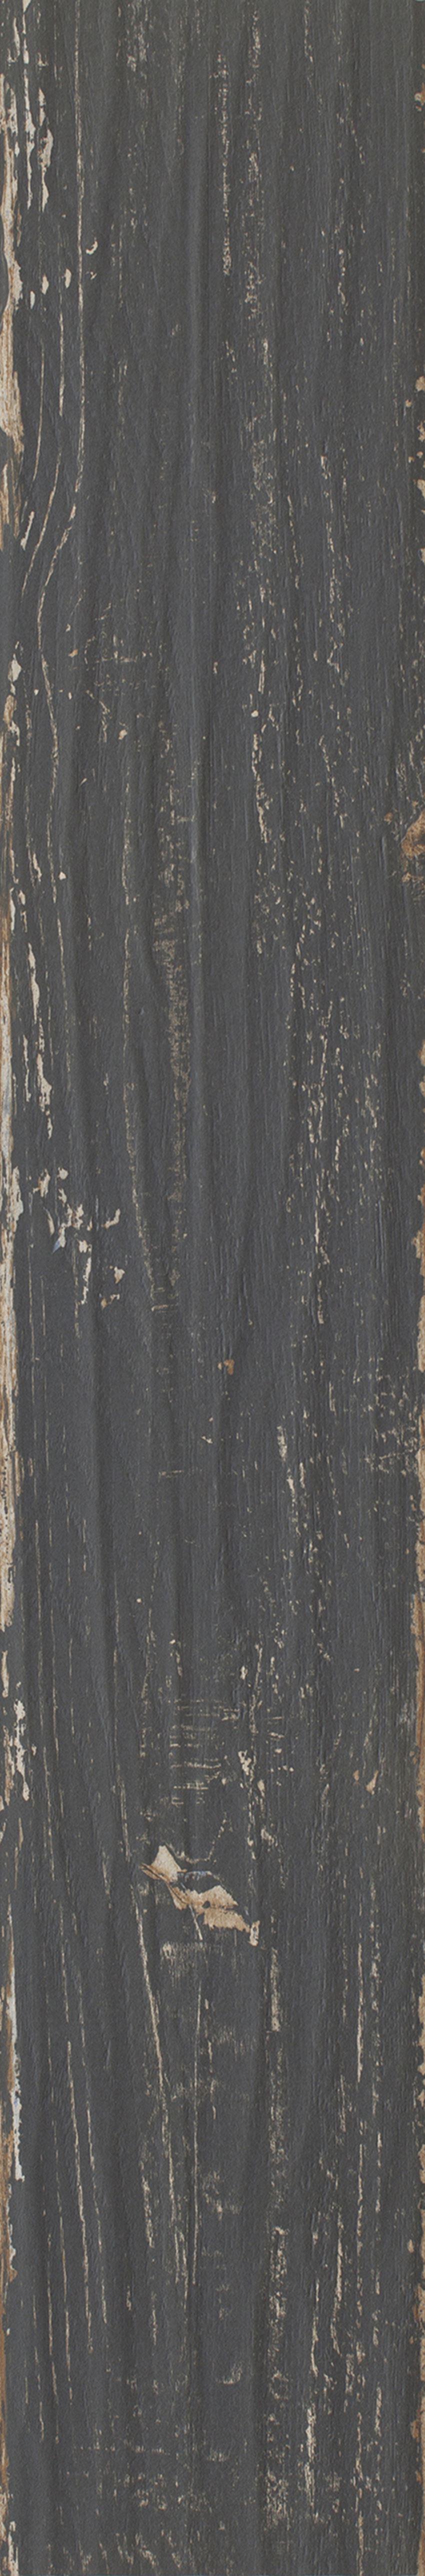 Płytka ścienno-podłogowa 14,8x89,8 cm Paradyż Herrera Nero Gres Szkl. Rekt. Mat.